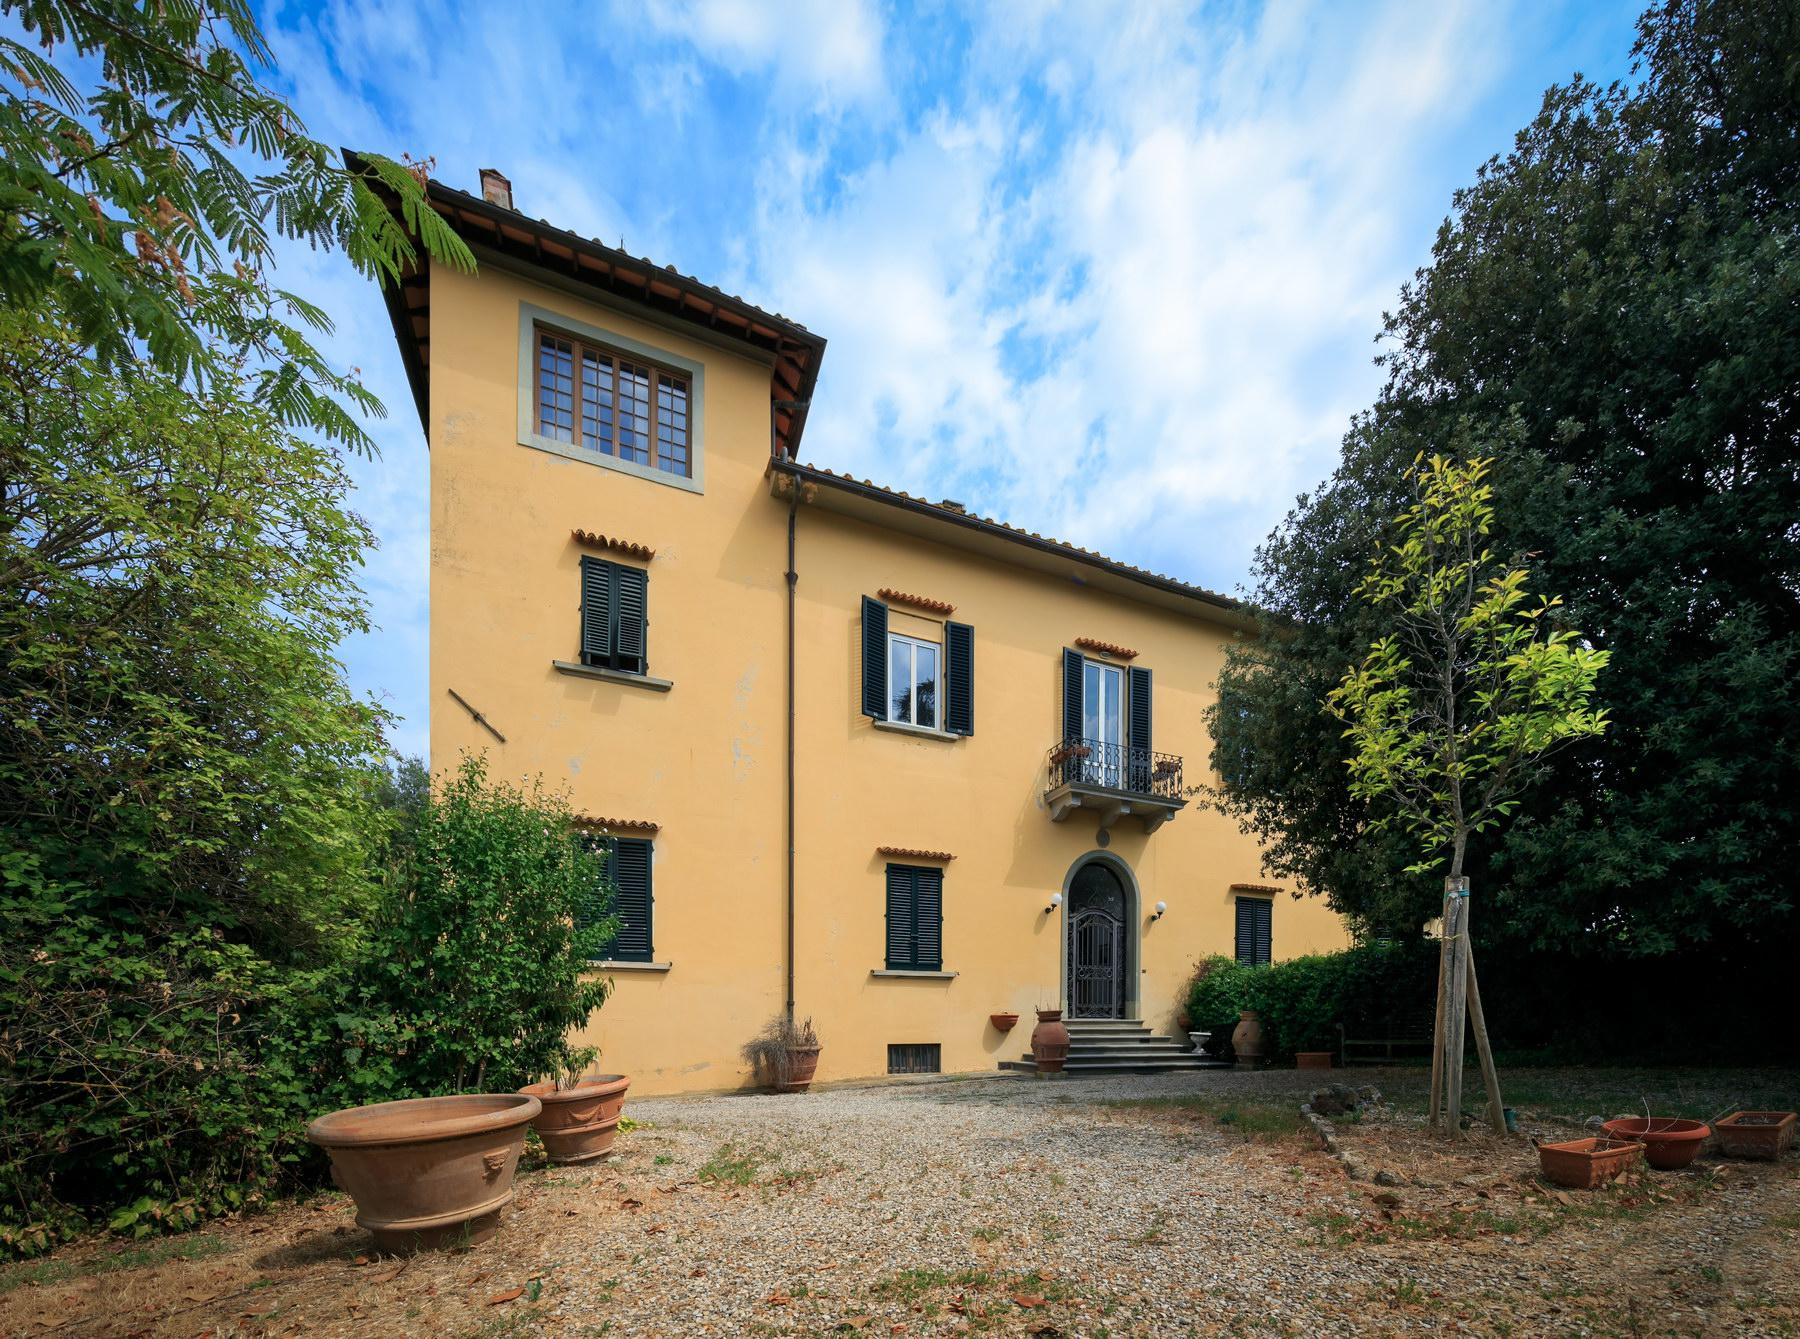 Casa indipendente in Vendita a Bagno A Ripoli via di baroncelli